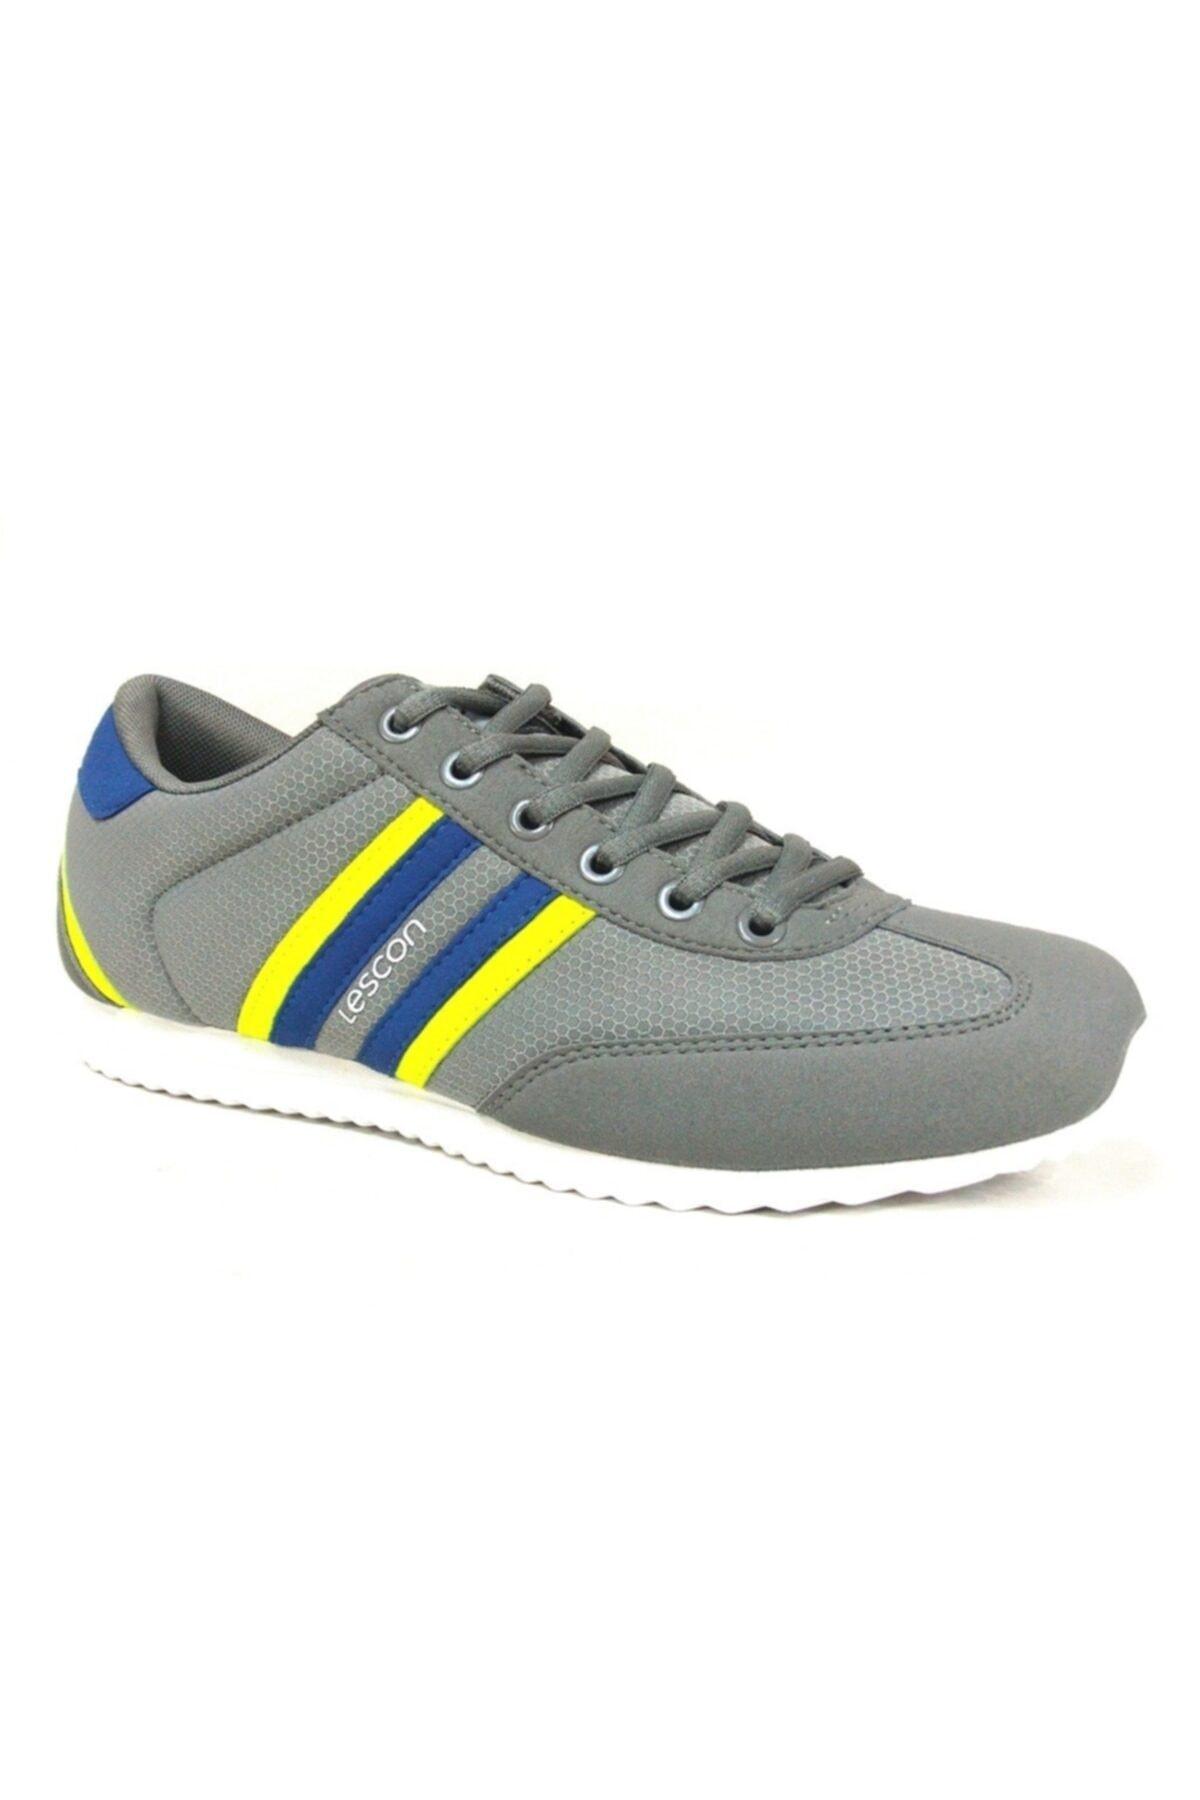 Lescon Gri Fosfor Lifestyle Günlük Spor Ayakkabı 1